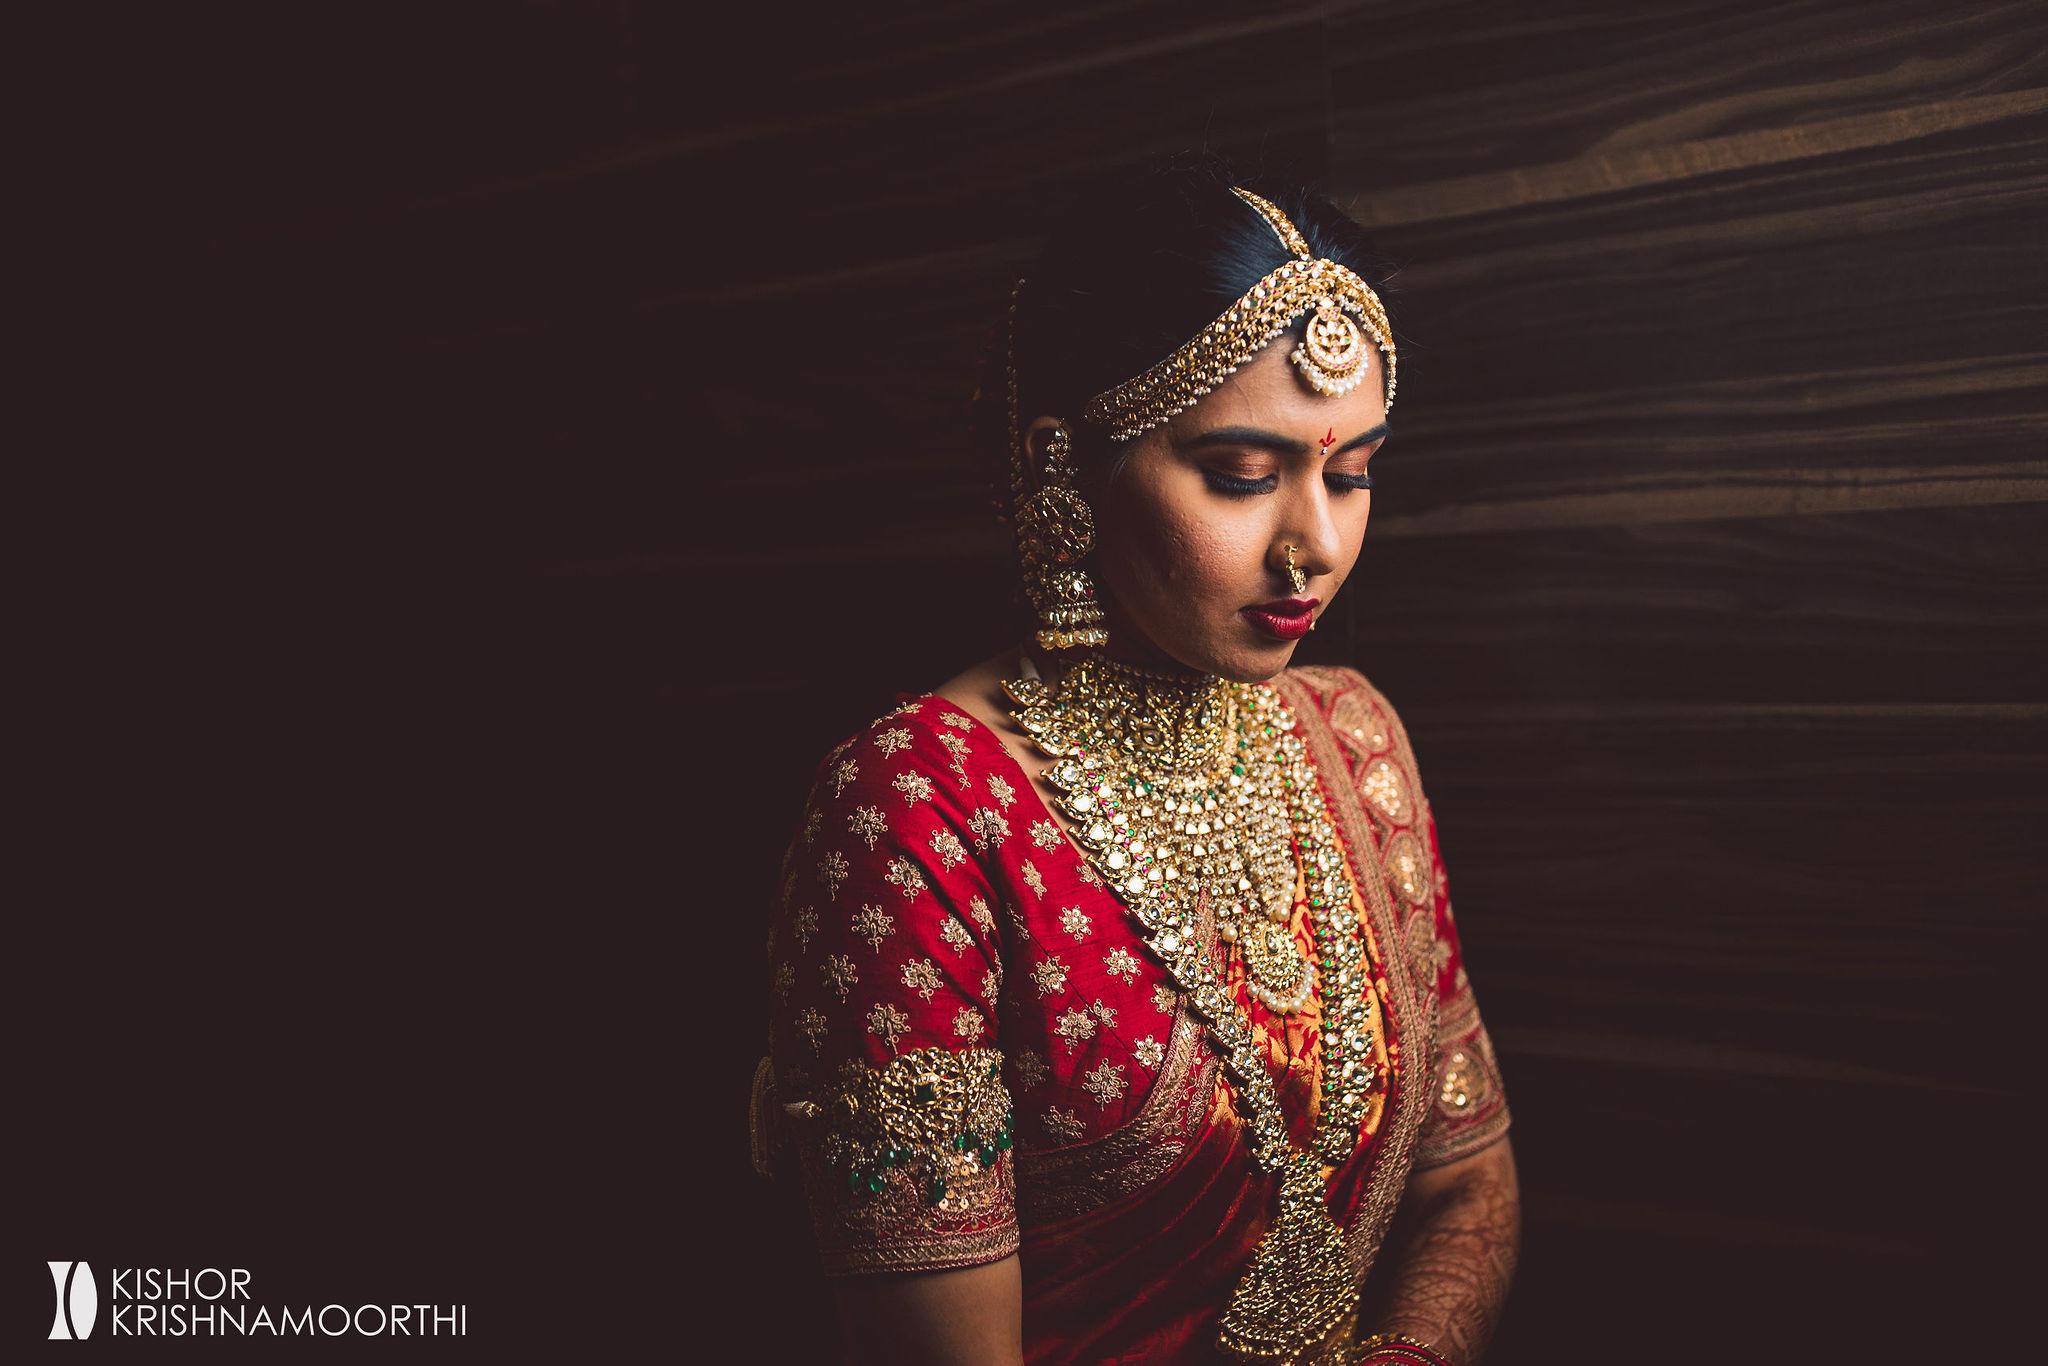 bridal-look-beautiful-pellikuthuru-pelli-wedding-day-look-awesome-jewellry-telugu-wedding-south-indian-kishorkrishnamoorthi-sabyasachi